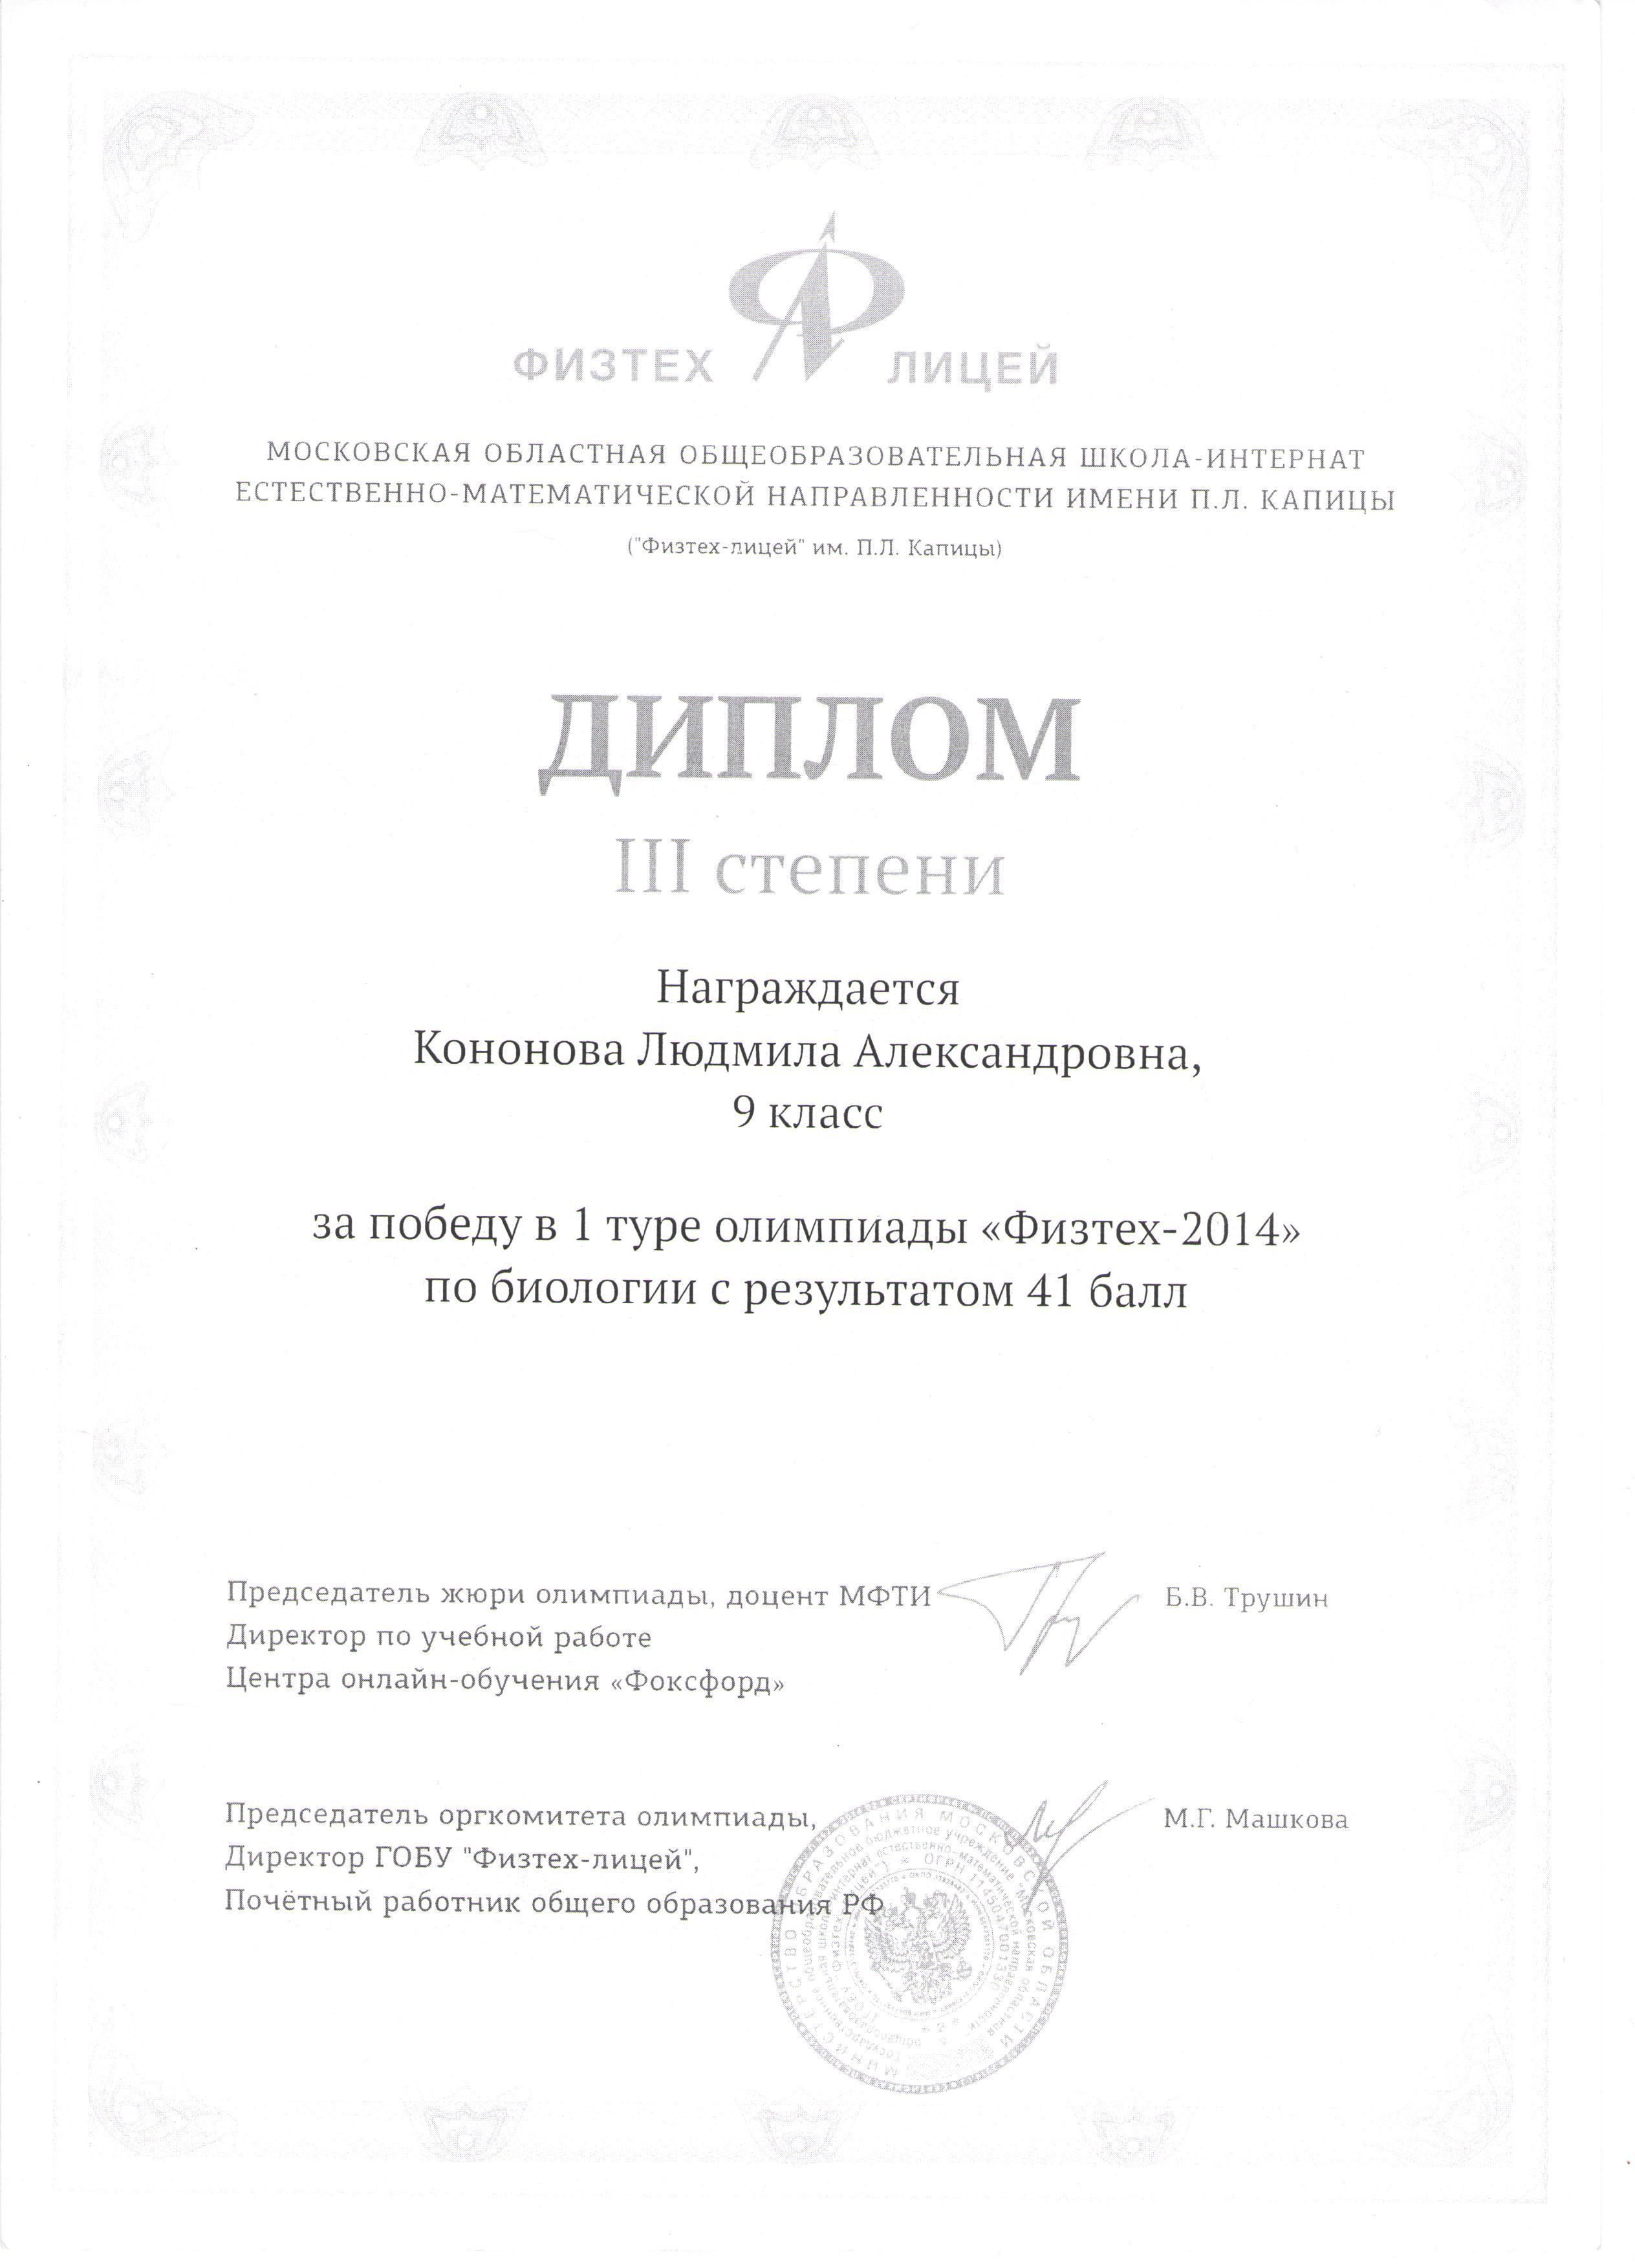 Диплом Кононова 001.jpg